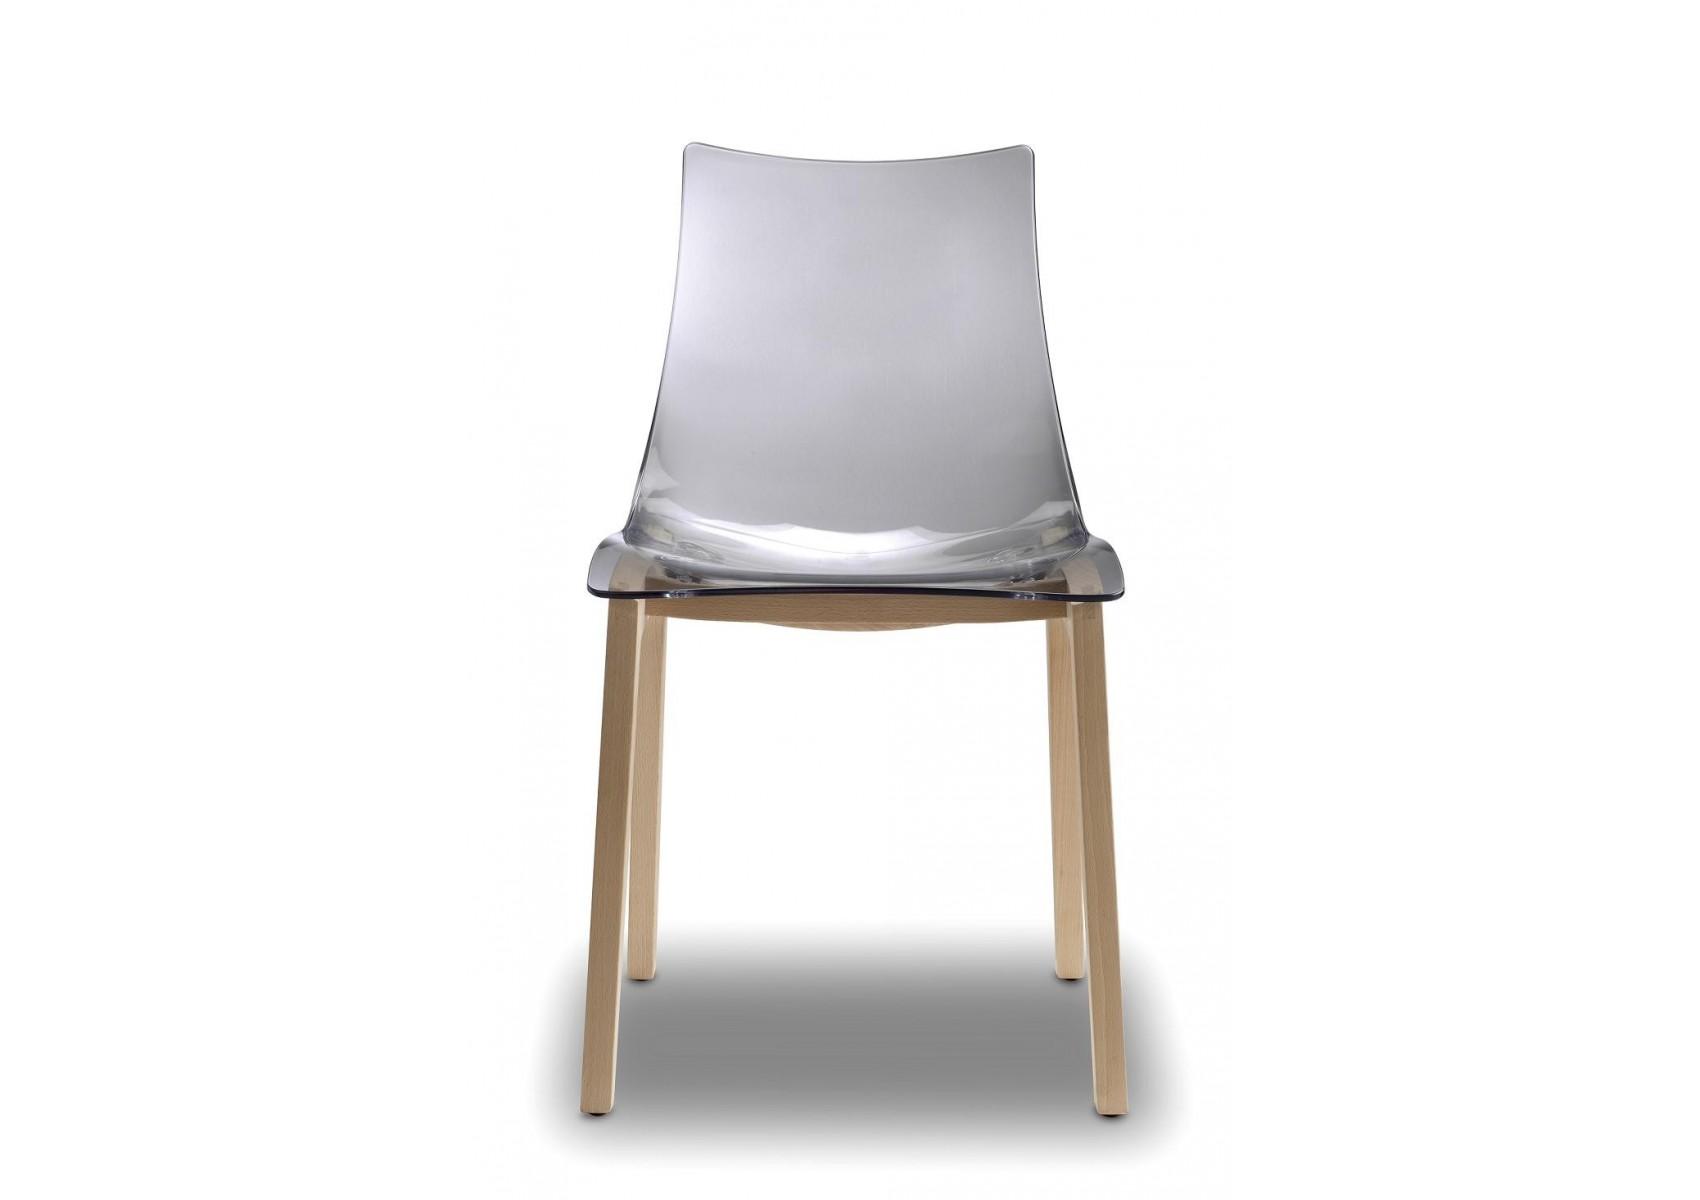 2x chaises transparentes design avec pieds bois natural for Chaise transparente pied en bois